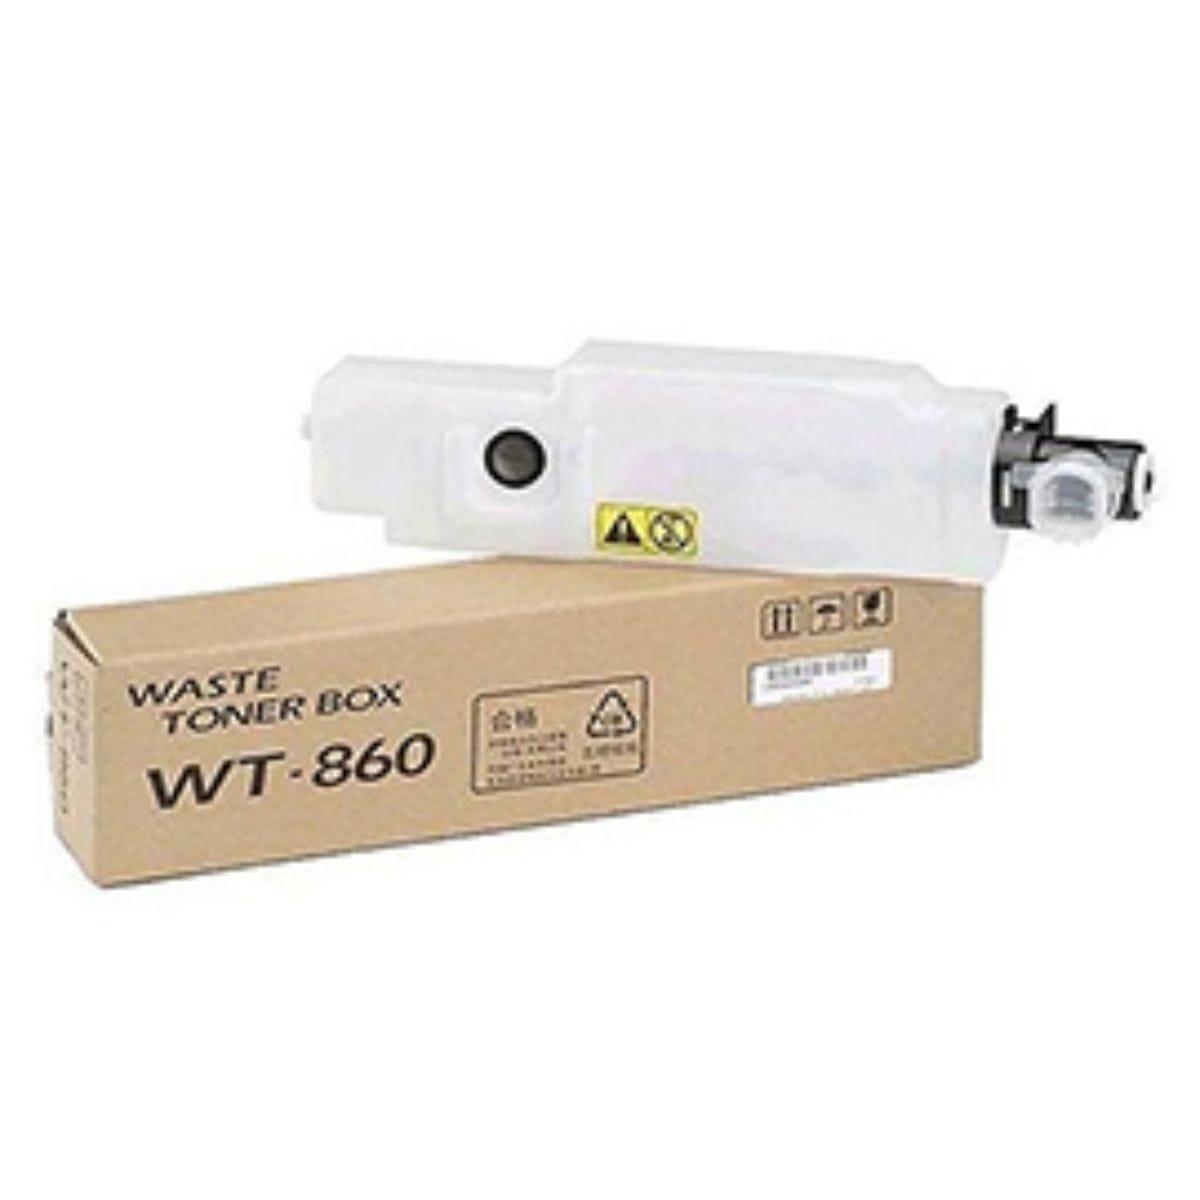 Image of Kyocera WT-860 Waste Toner